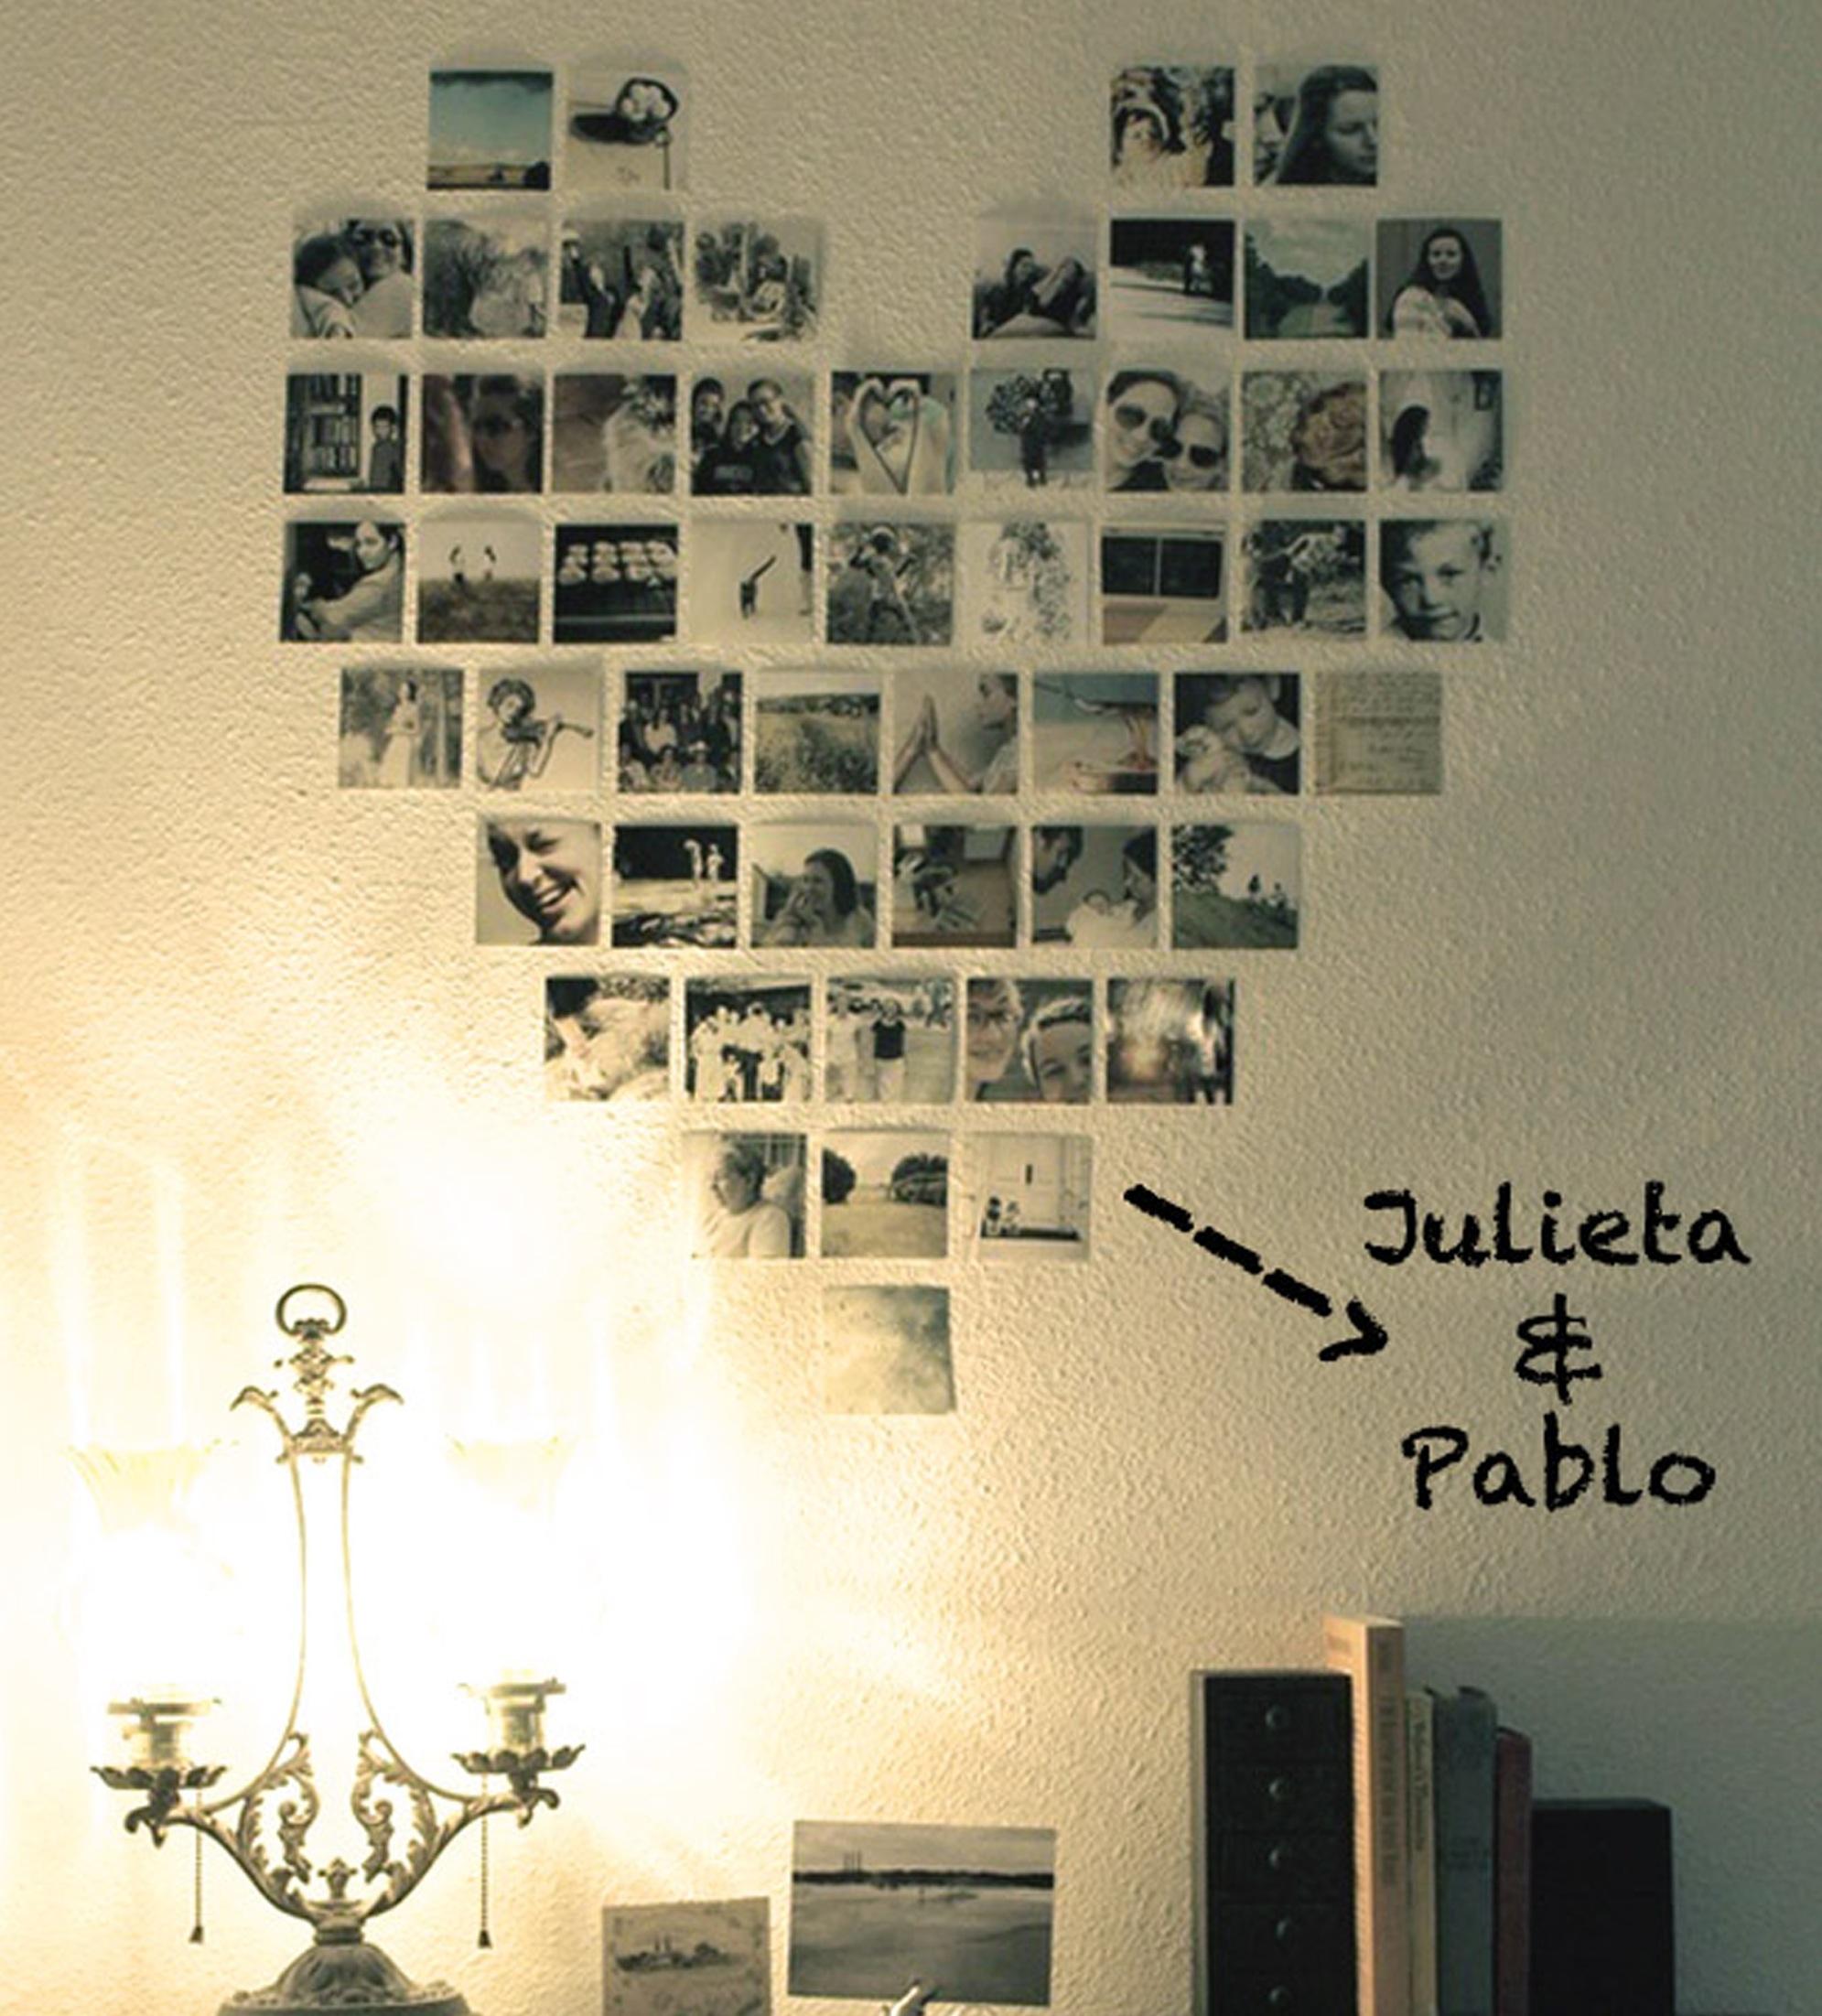 как переместить фото со стены в альбом в контакте